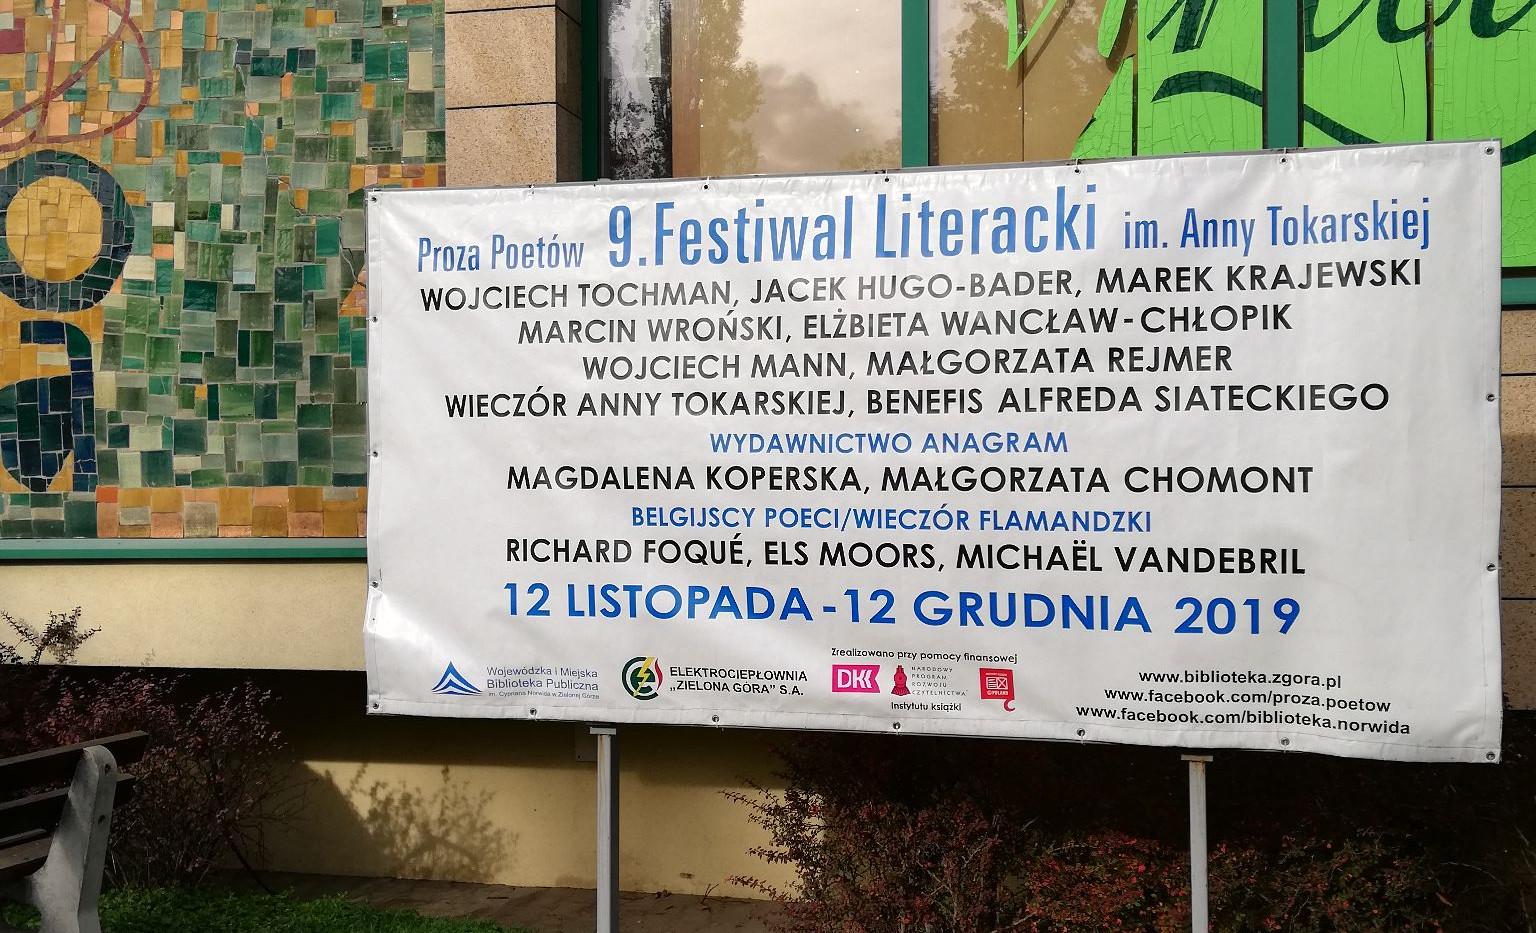 Zielona Góra - Biblioteka